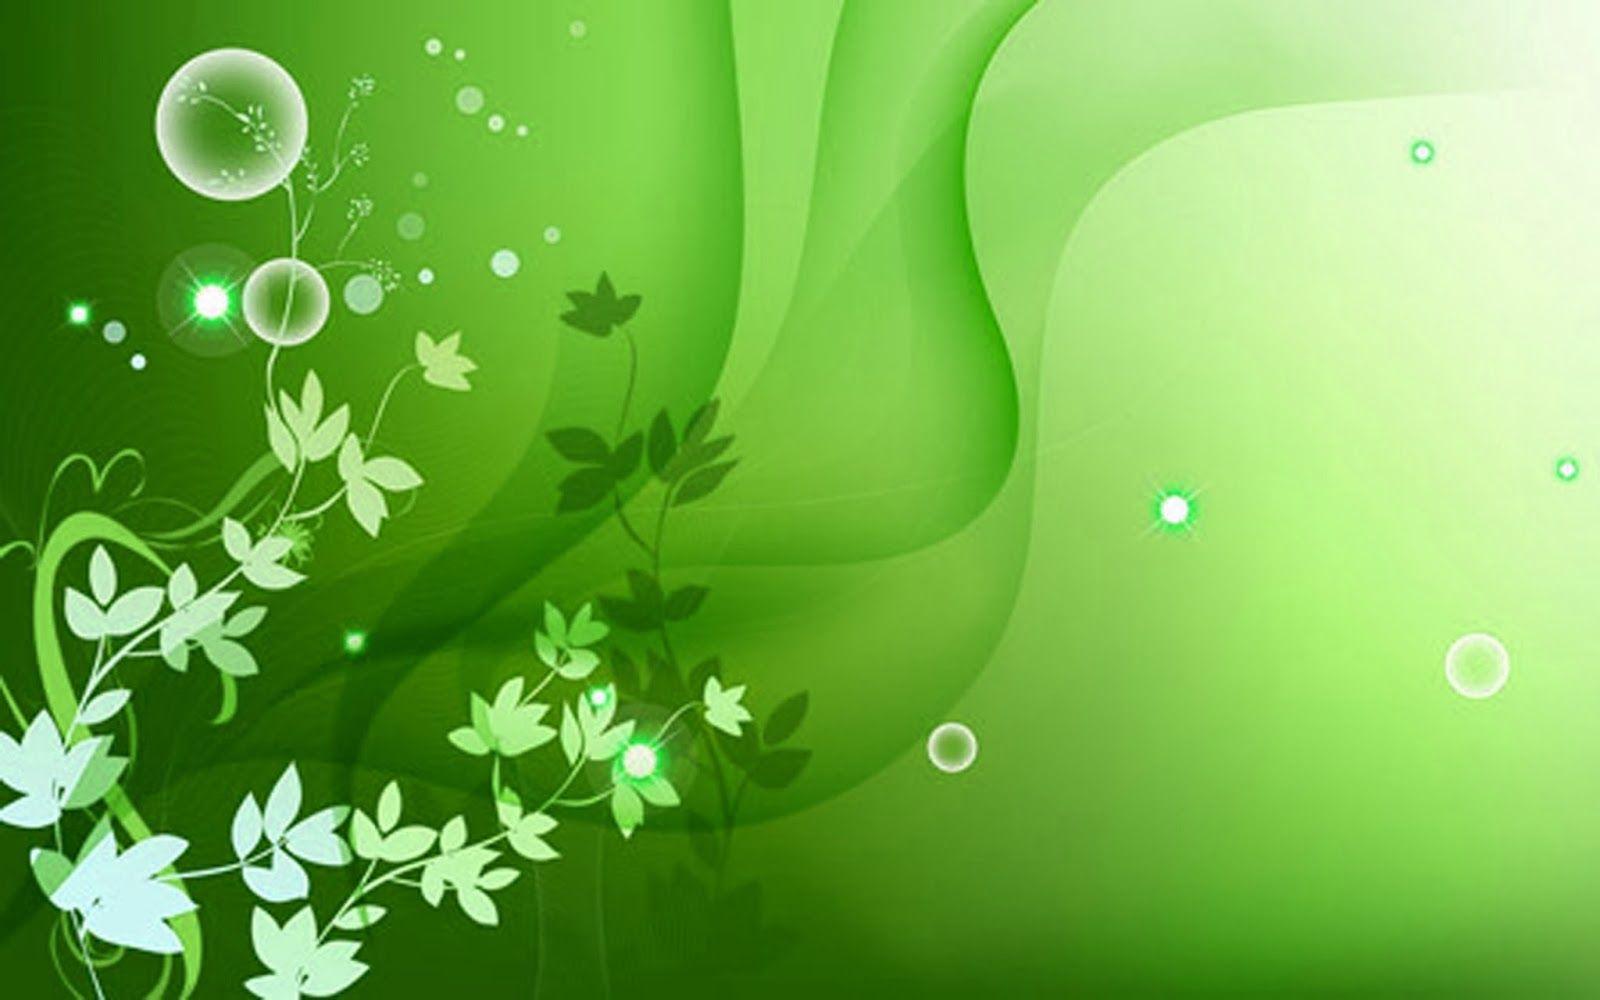 Green Flower Wallpaper - Green Color Wallpaper Hd , HD Wallpaper & Backgrounds